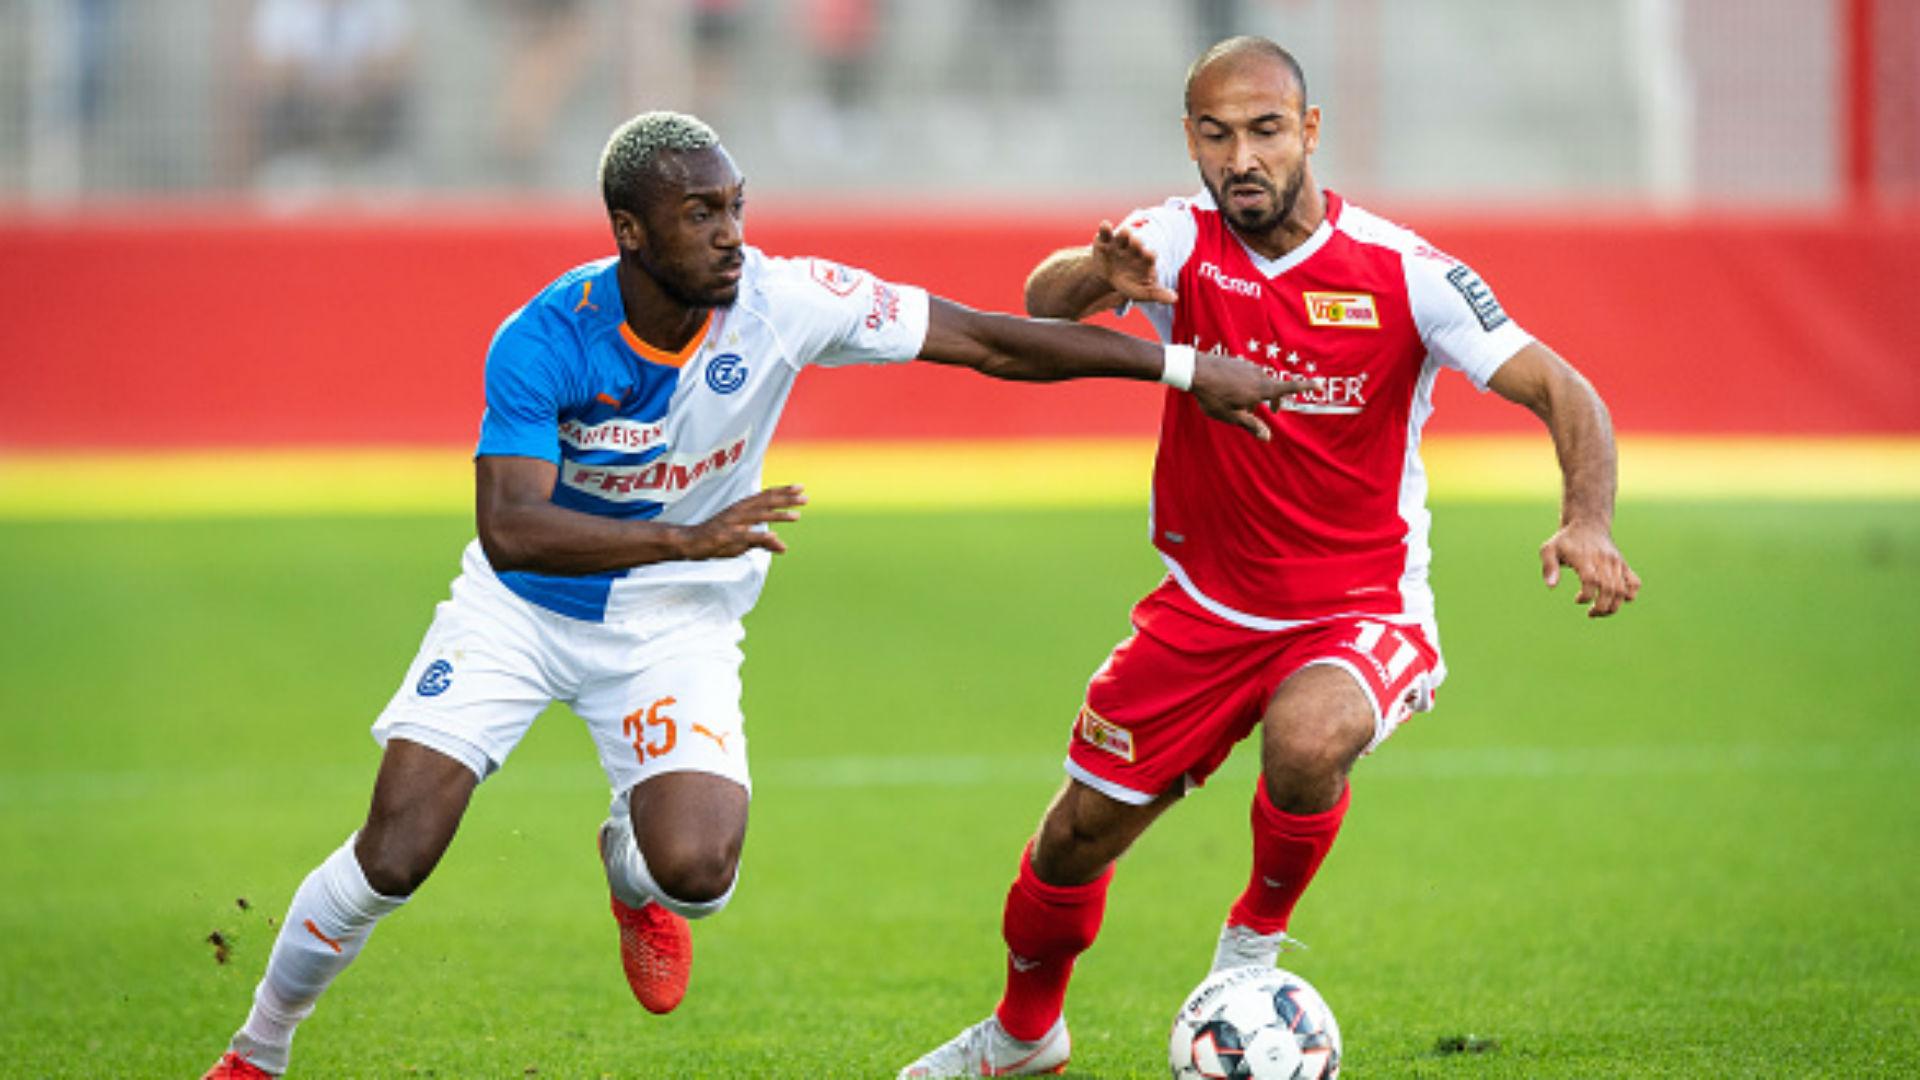 OFFICIEL - Rennes signe le latéral gauche Souleyman Doumbia ...